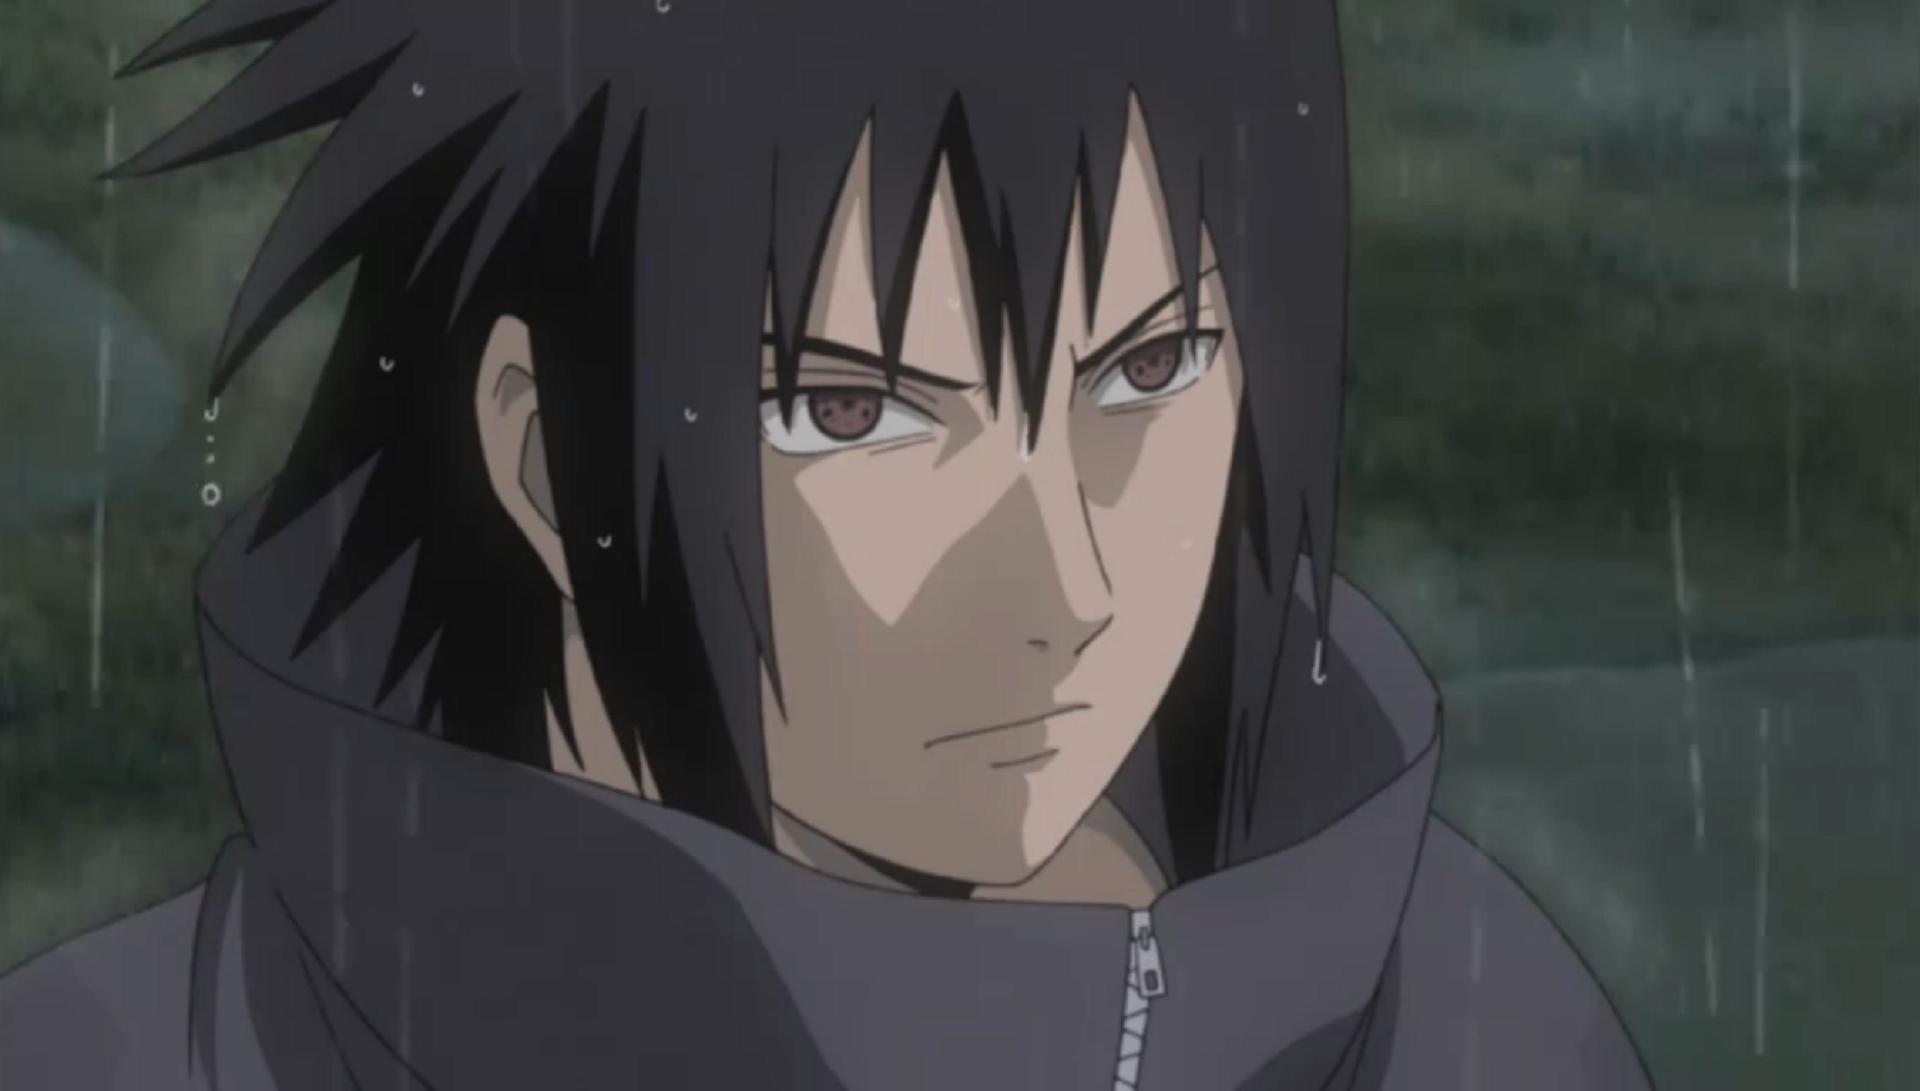 Naruto shippuden sasuke uchiha - Sasuke naruto ...